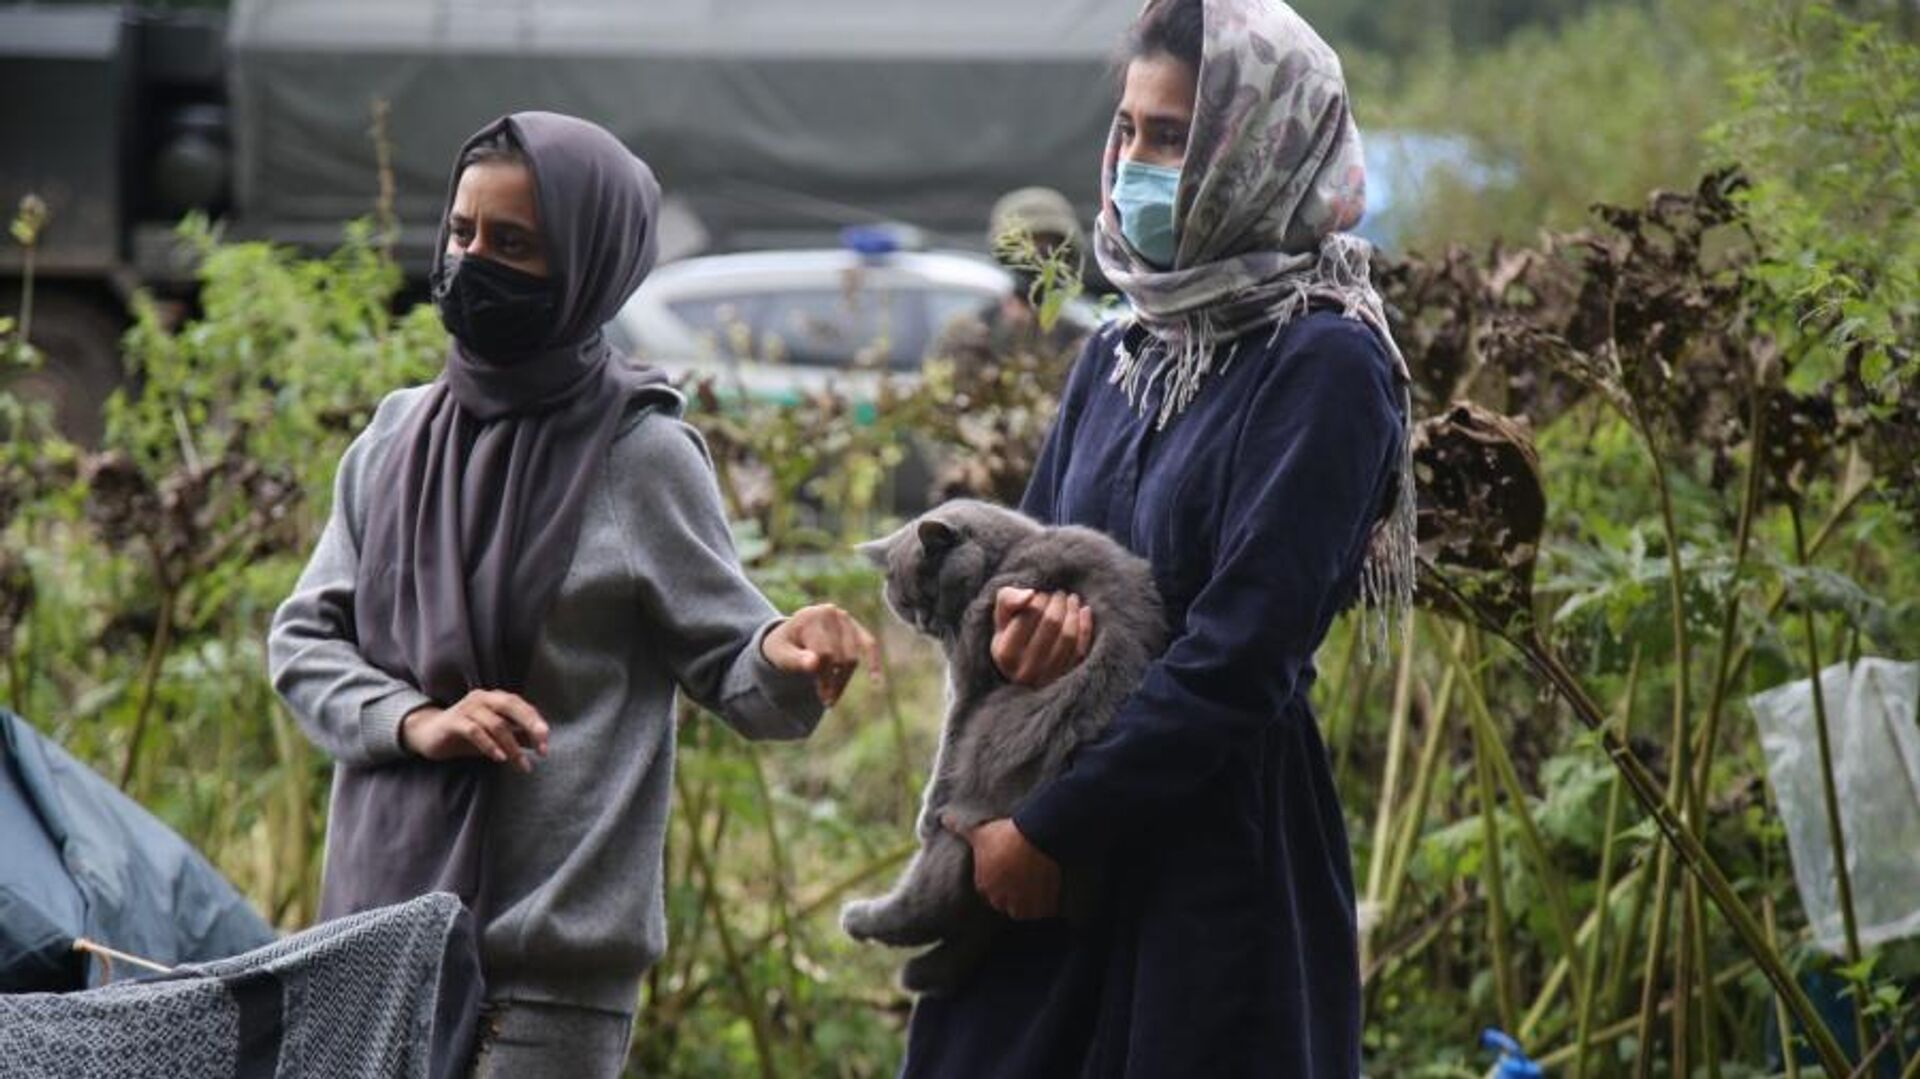 Афганские беженцы на польско-белорусской границе, 1 сентября 2021 года - Sputnik Латвия, 1920, 10.09.2021